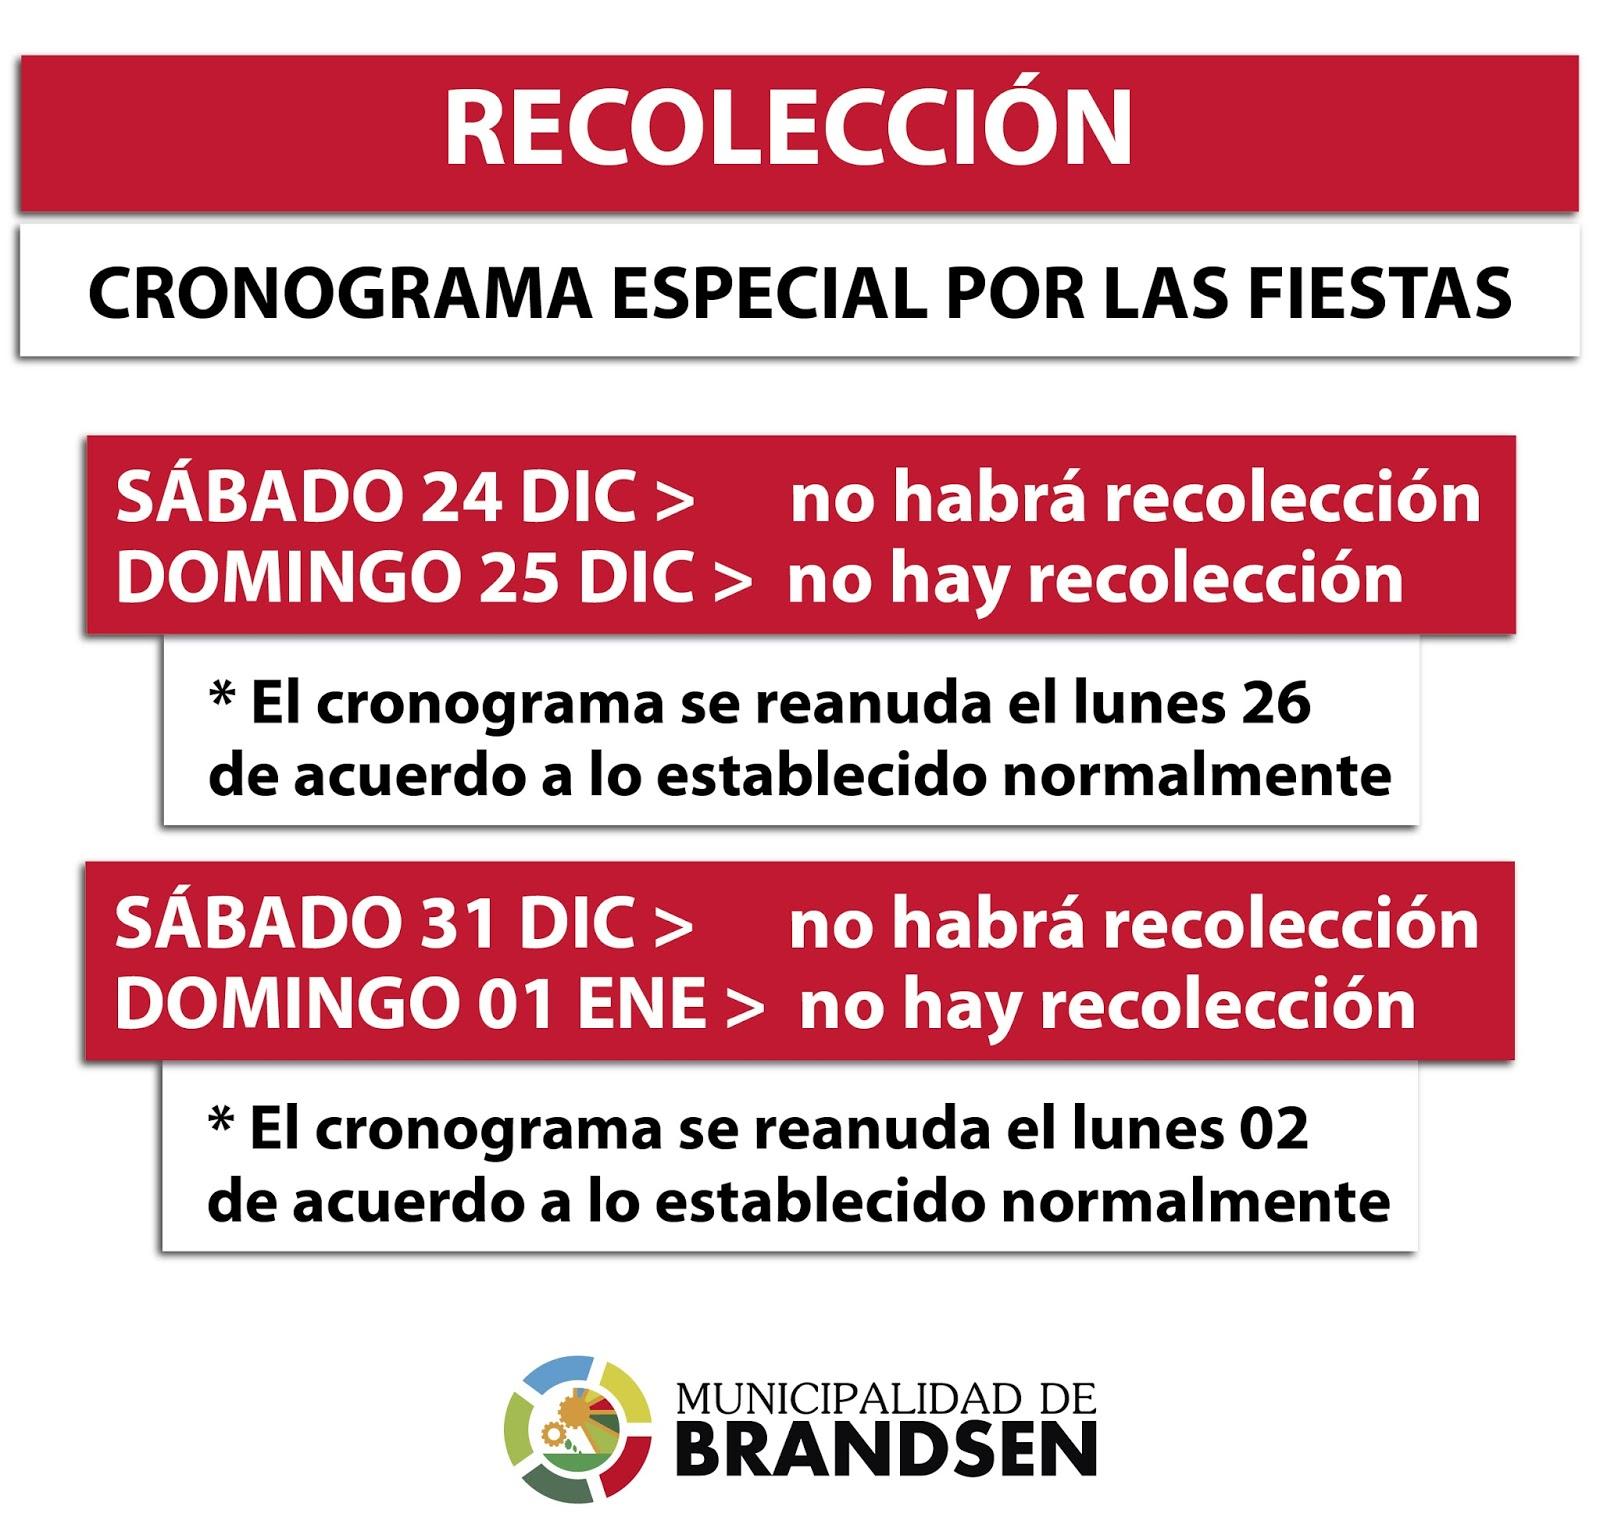 RECOLECCIÓN DE RESIDUOS EN LAS FIESTAS | DIRECCIÓN DE PRENSA ...